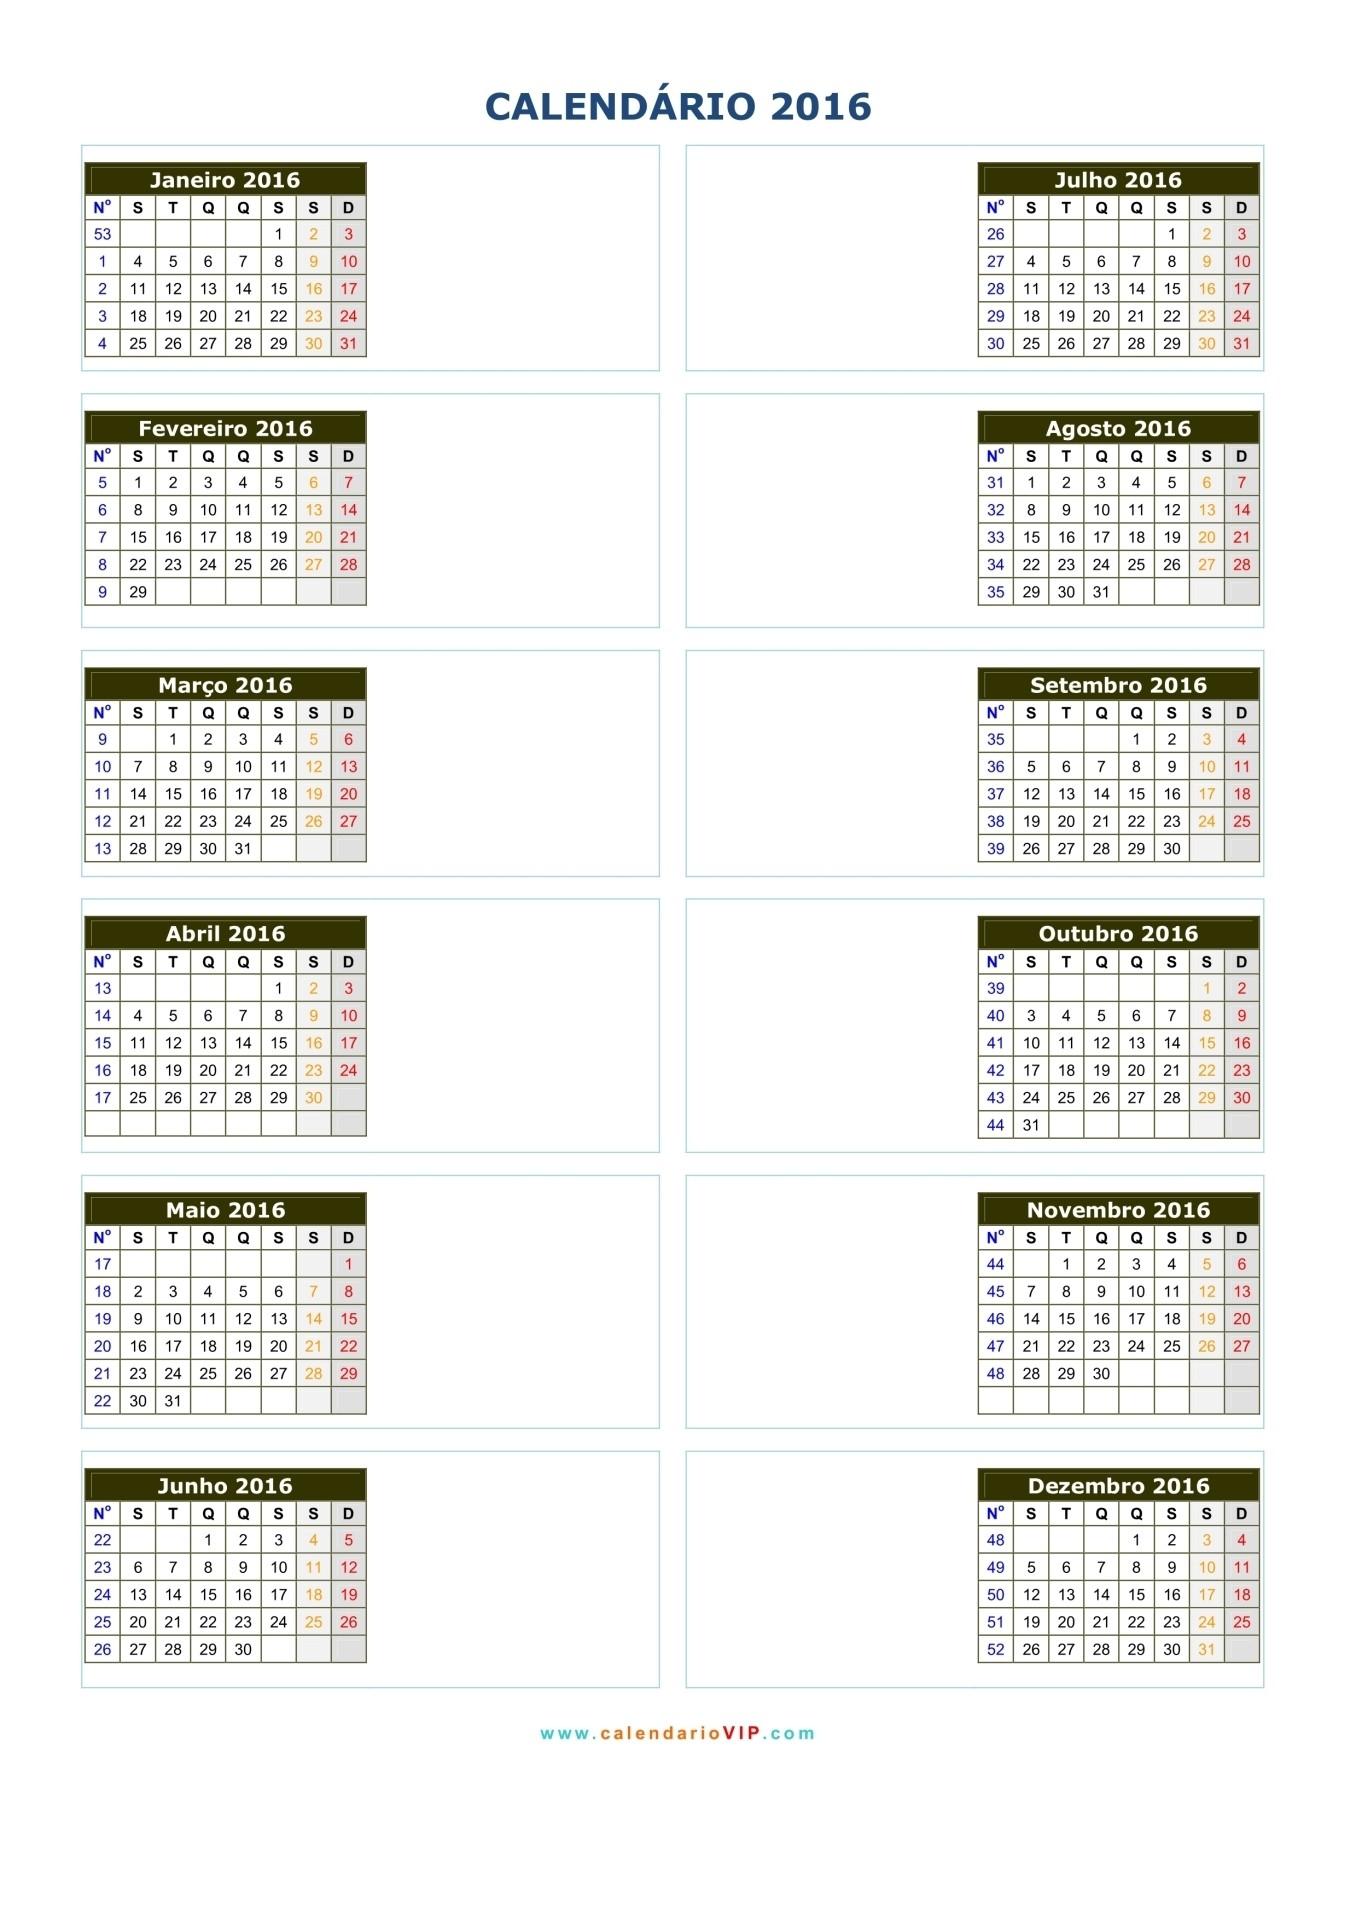 Calendário 2019 Excel Com Feriados Más Recientes Calendario Novembro 2018 Imprimir T Of Calendário 2019 Excel Com Feriados Actual Calendario Novembro 2018 Imprimir T